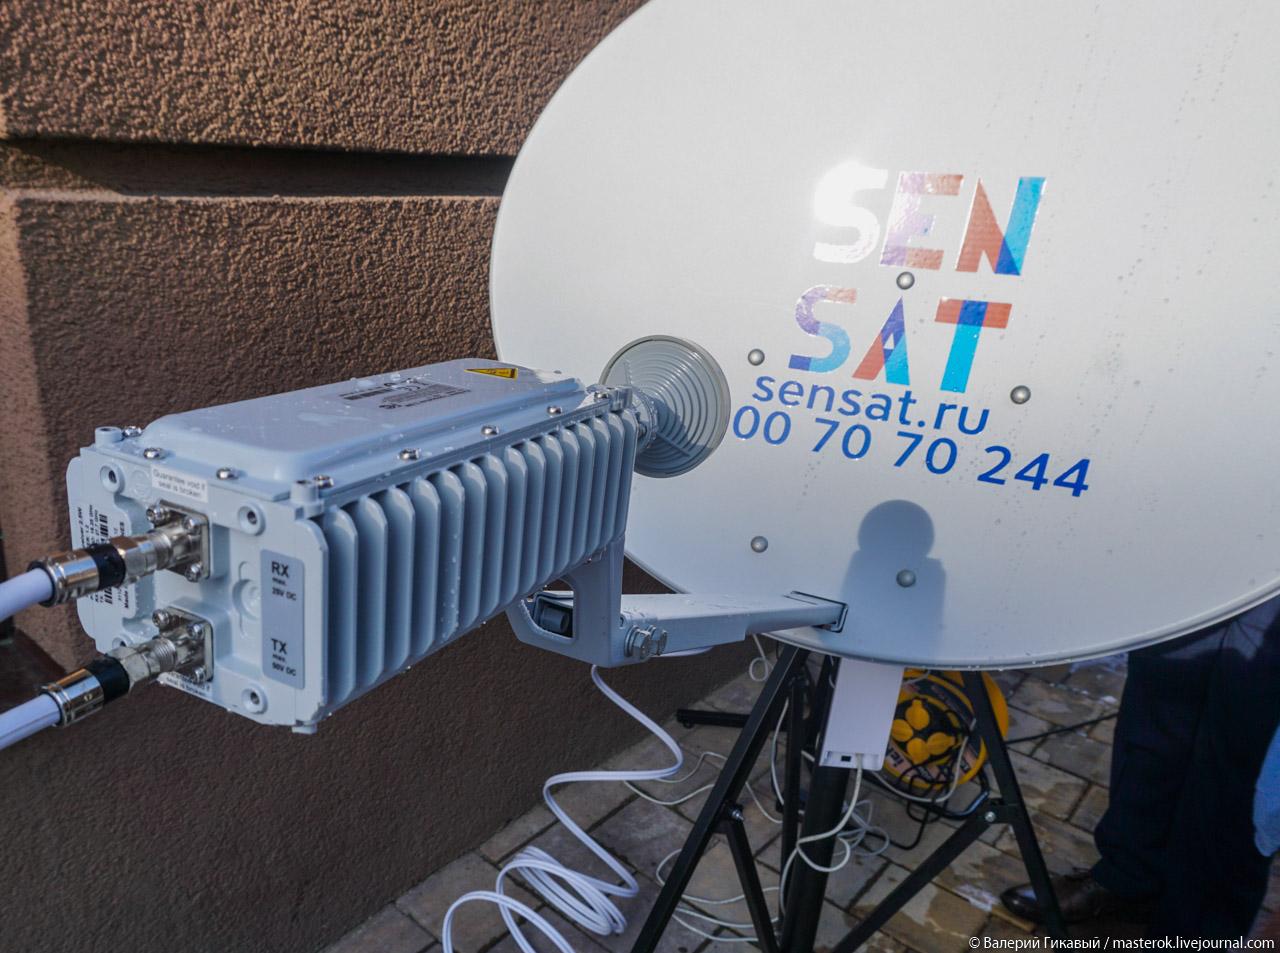 sensat спутниковый интернет тарифы